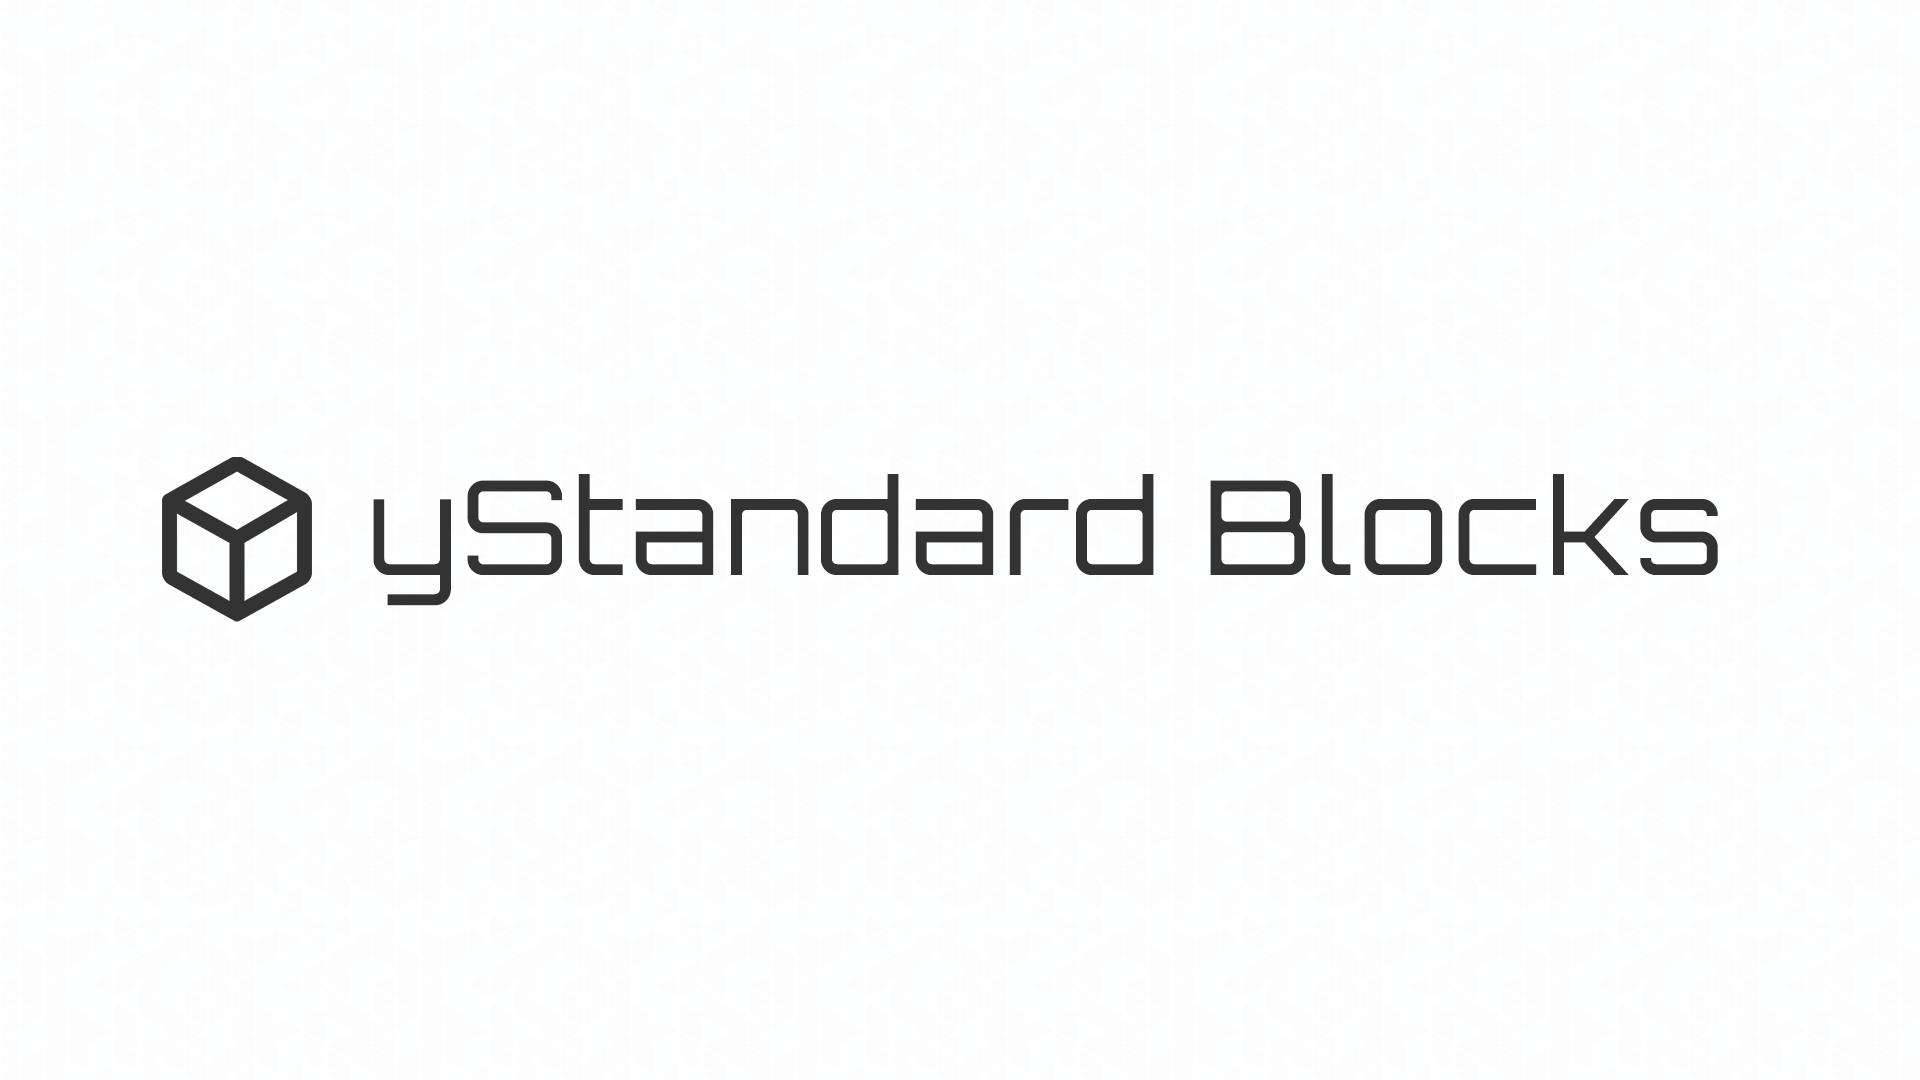 【yStandard Blocks v2.7.0】カスタム見出しブロックにPC・タブレット・スマートフォンのフォントサイズ設定機能追加、letter-spacing設定追加など